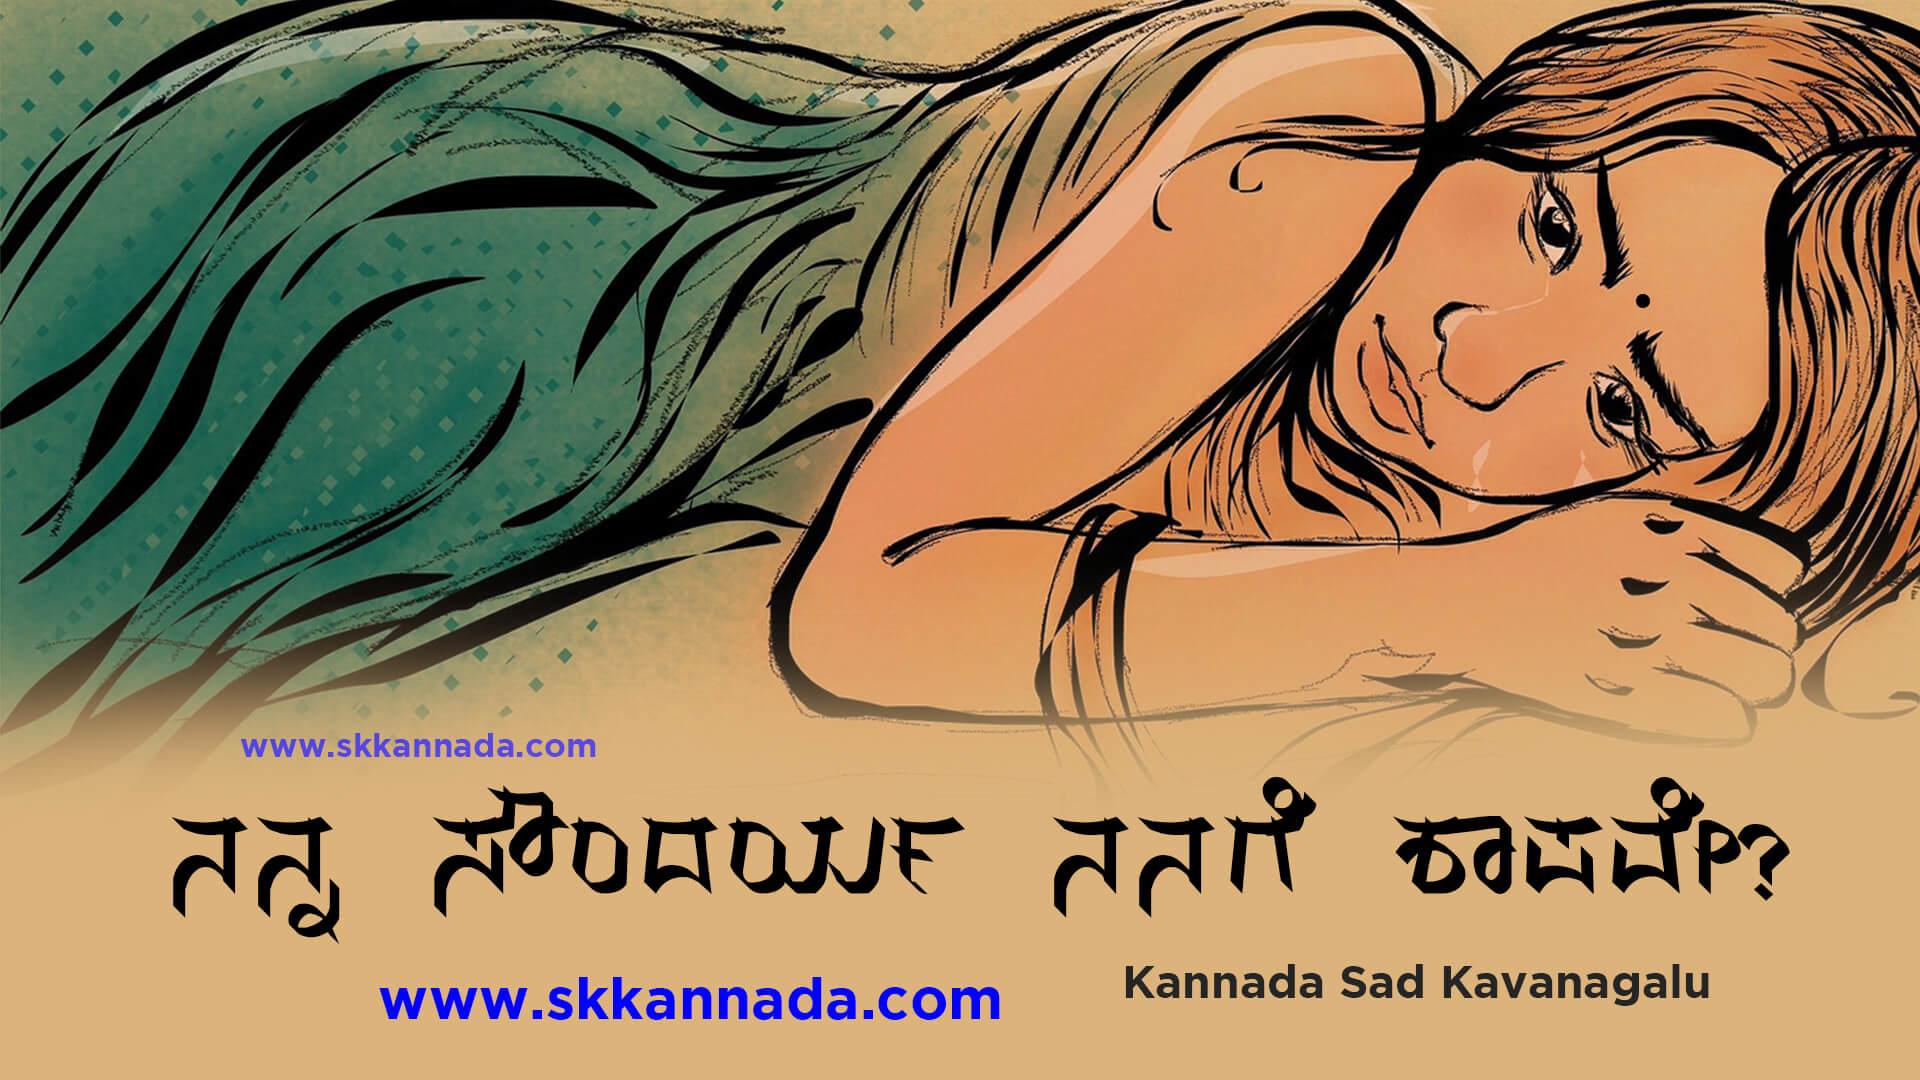 ನನ್ನ ಸೌಂದರ್ಯ ನನಗೆ ಶಾಪವೇ? - Woman Girl Kannada Sad Kavanagalu Poems